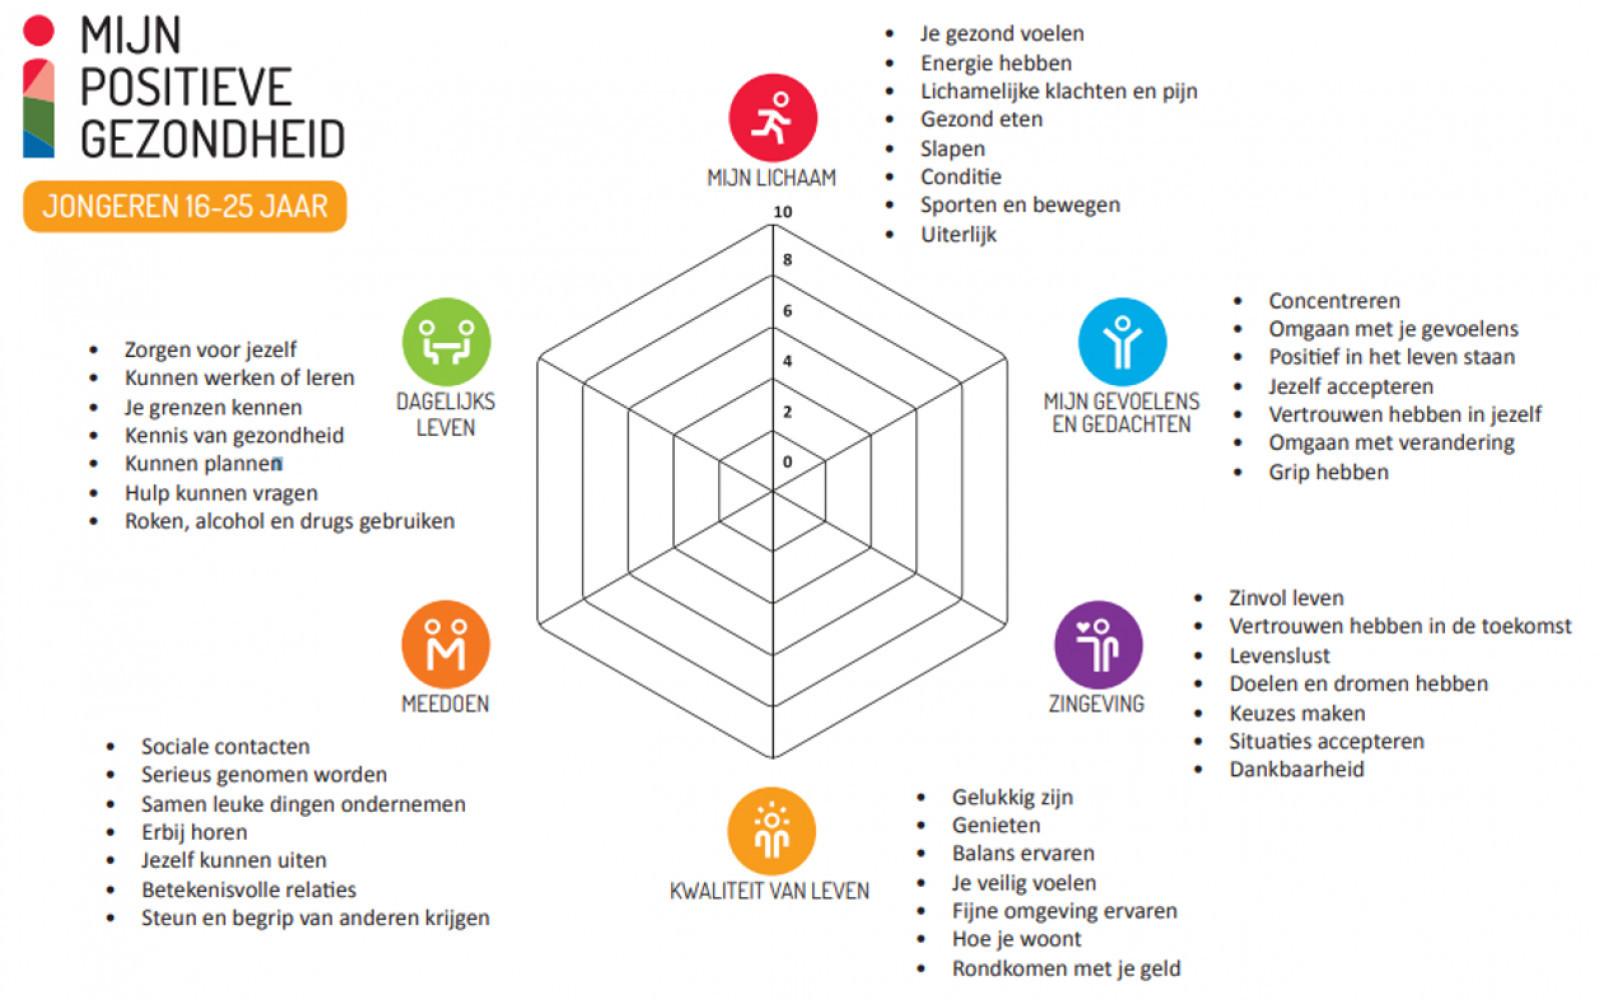 Het diagram van Positieve Gezondheid, voor jongeren van 16 tot 25 jaar